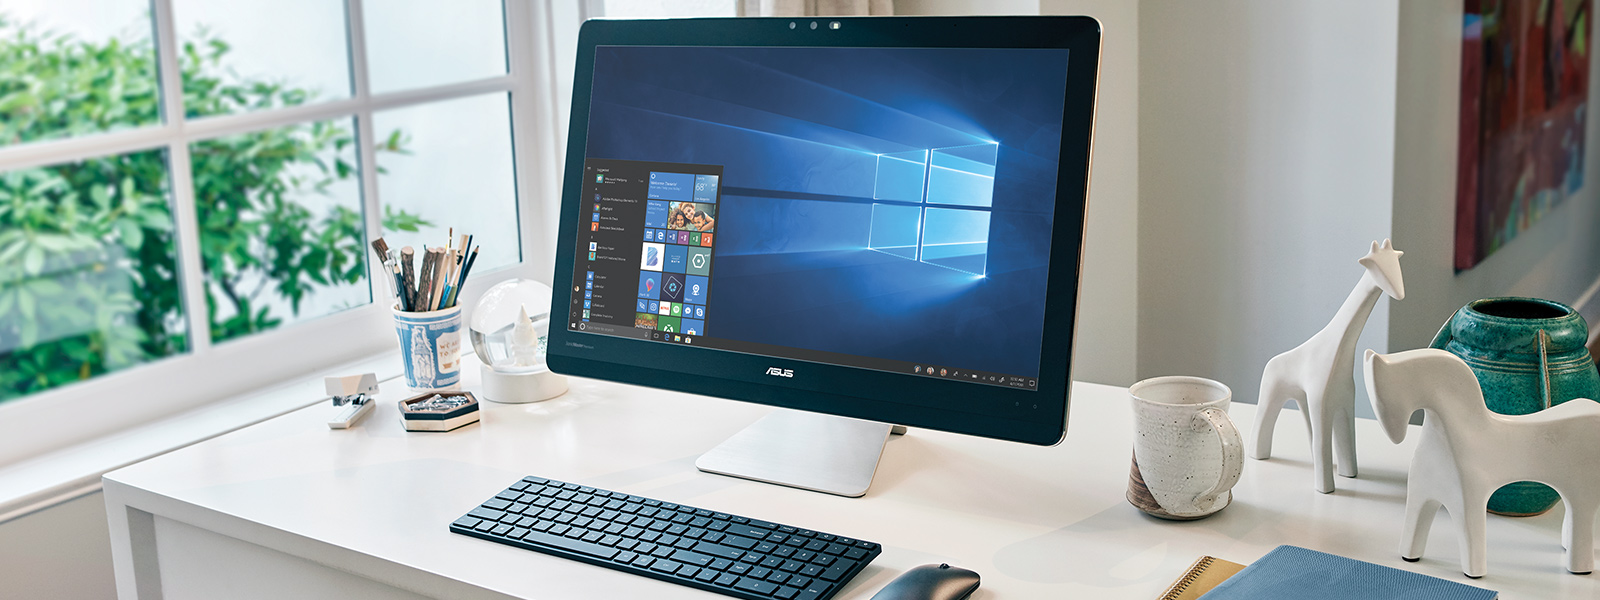 Un equipo ASUS sobre un escritorio, con un mouse inalámbrico y un teclado al lado